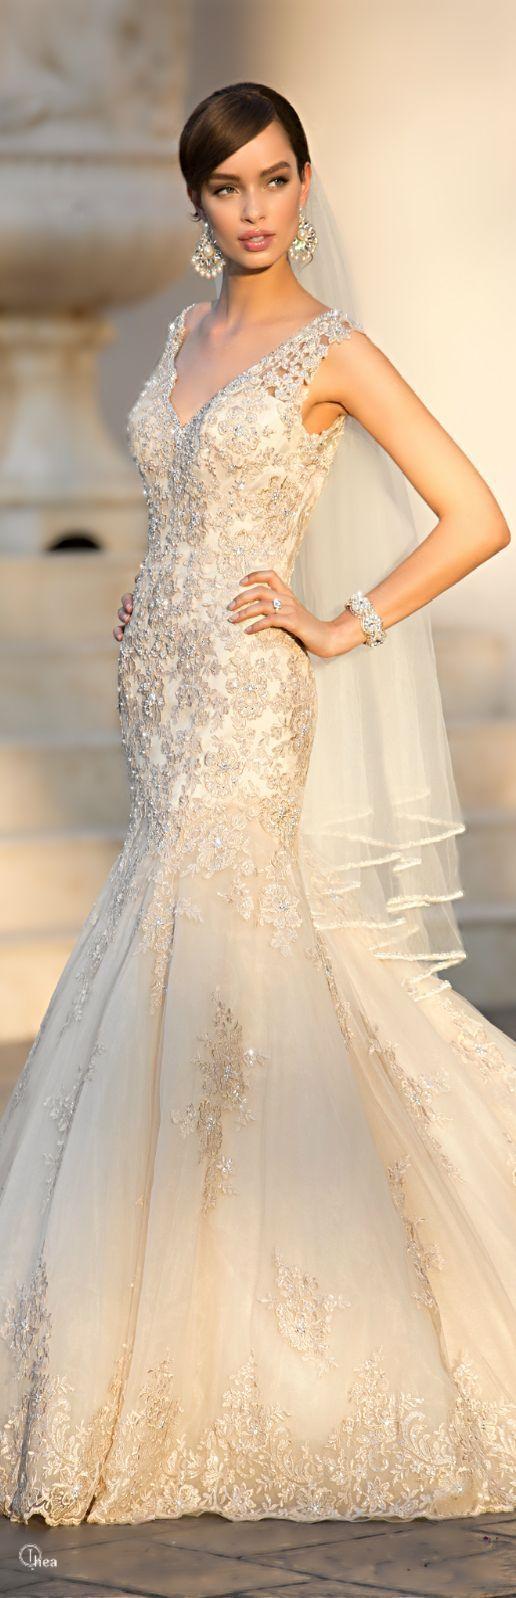 18 Wedding Dress ideas   wedding, wedding dresses, bridal gowns